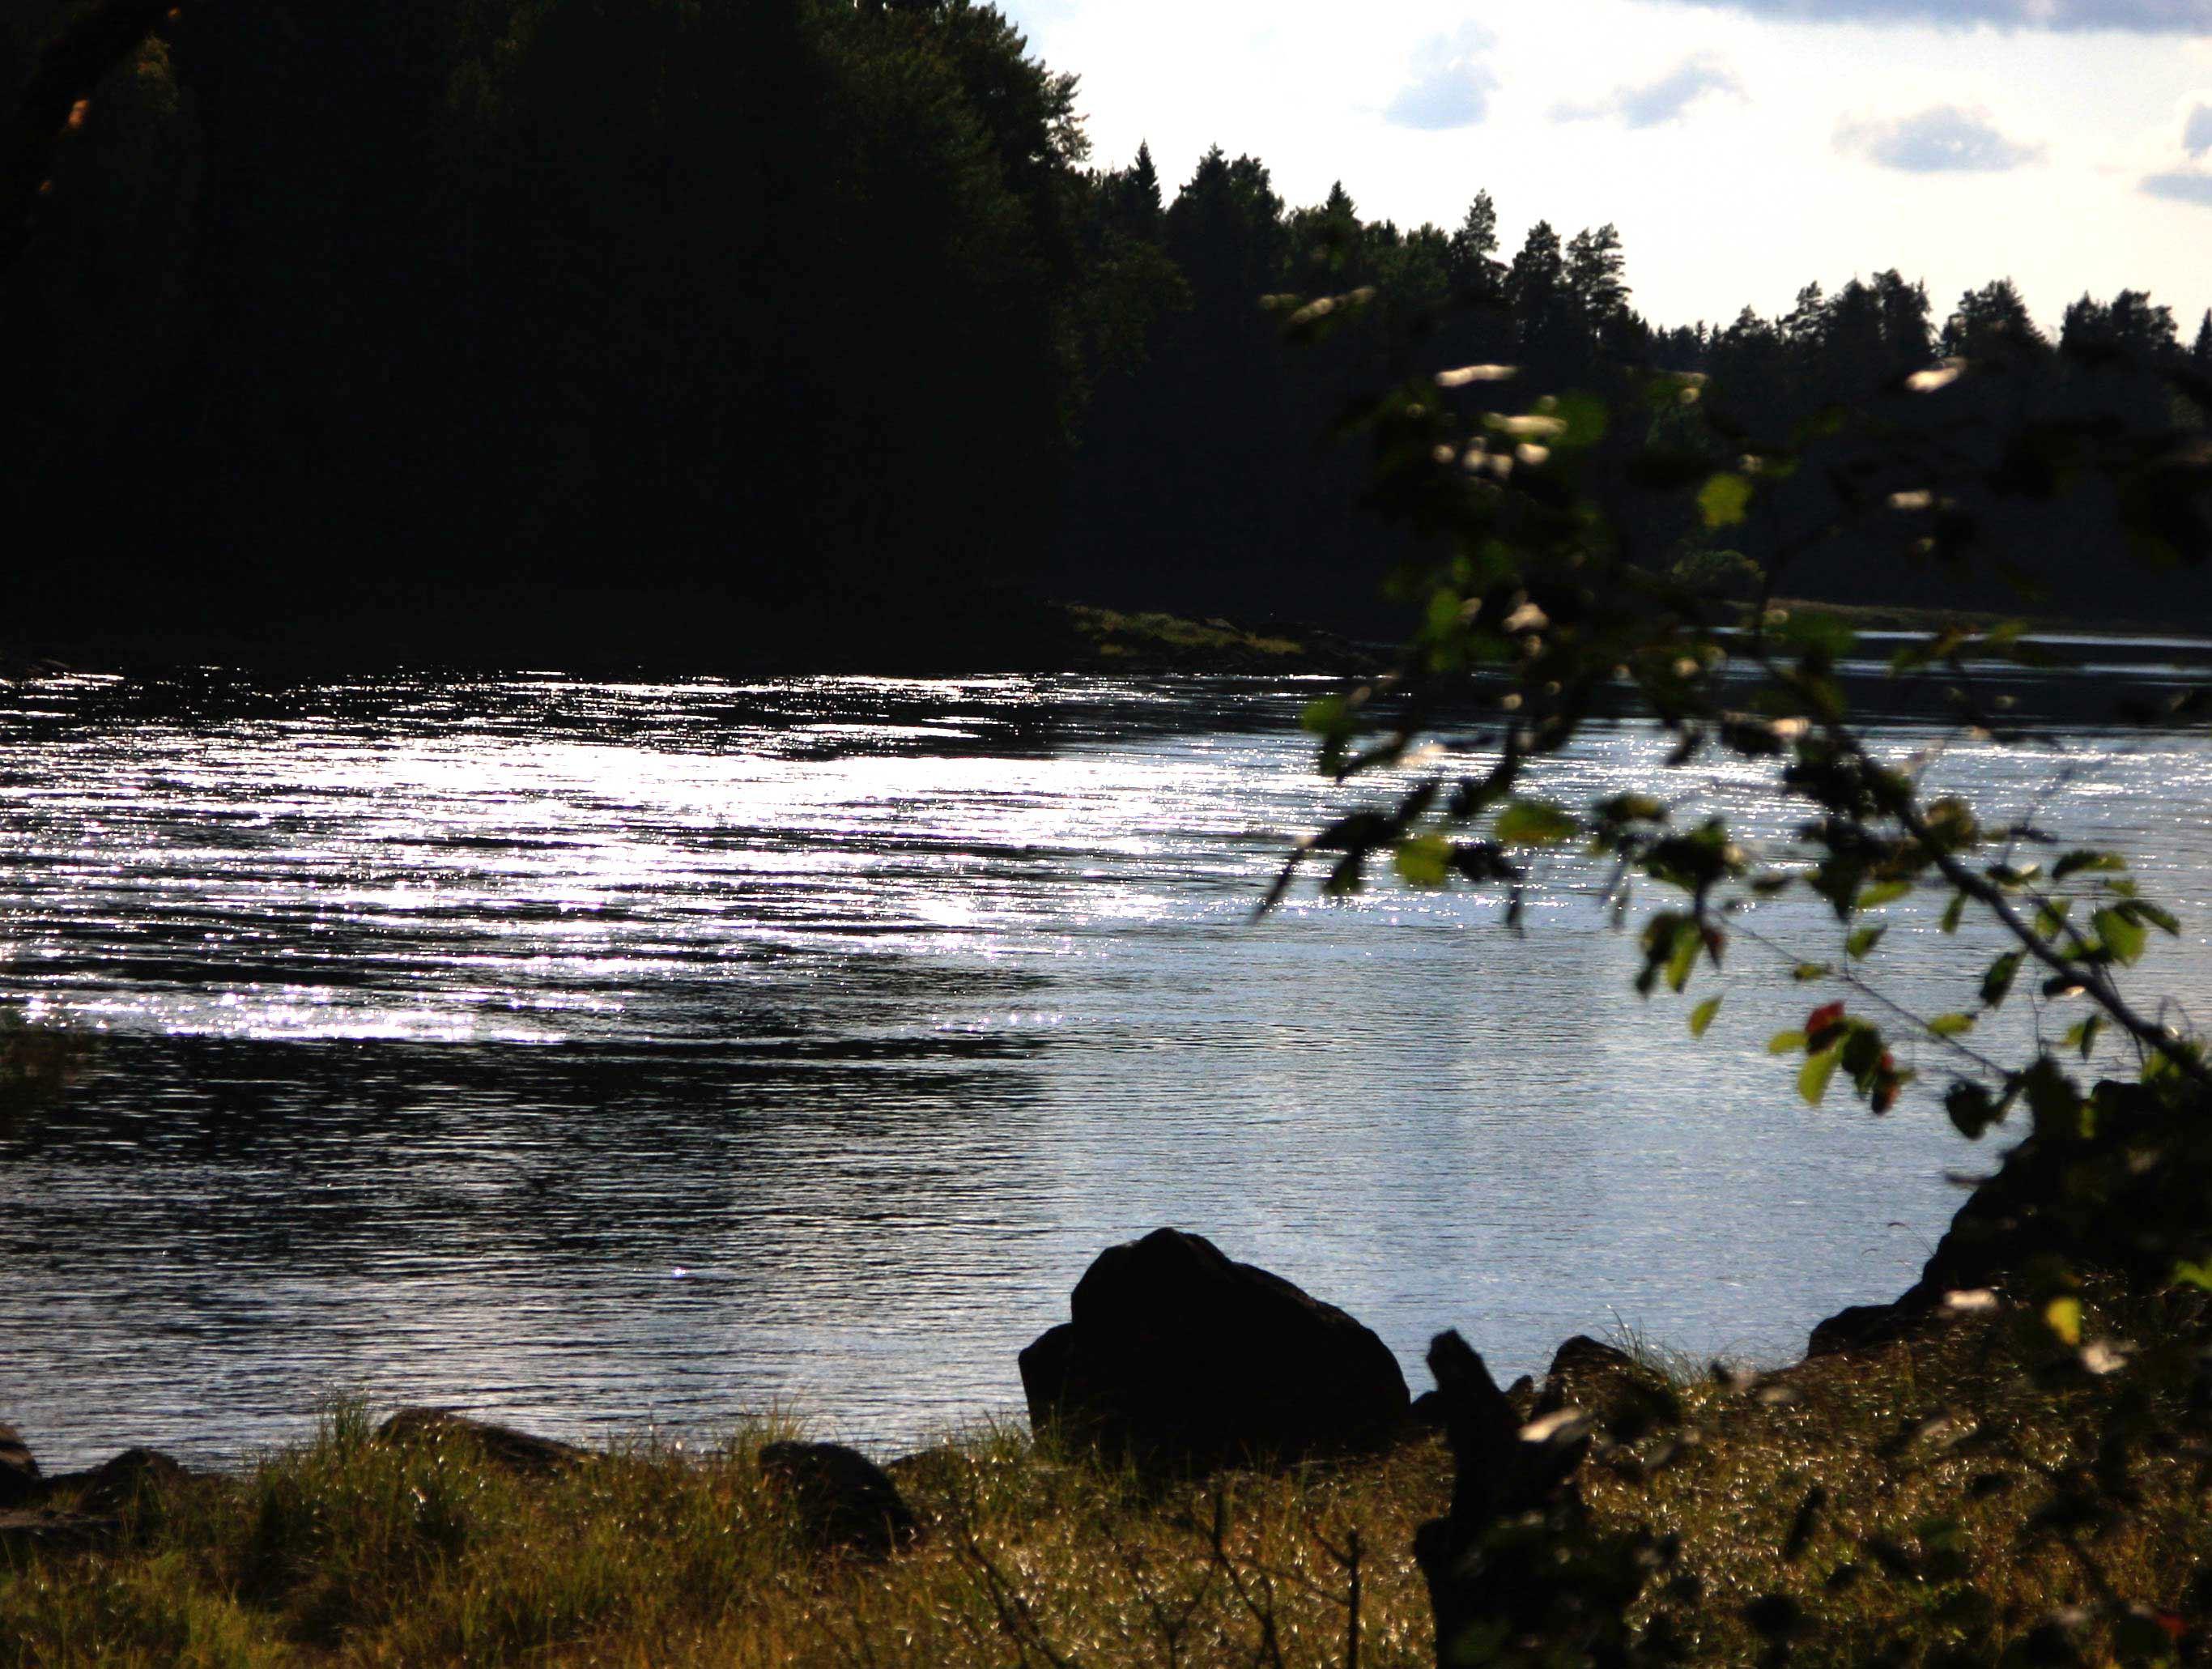 Tyttbo Rapids